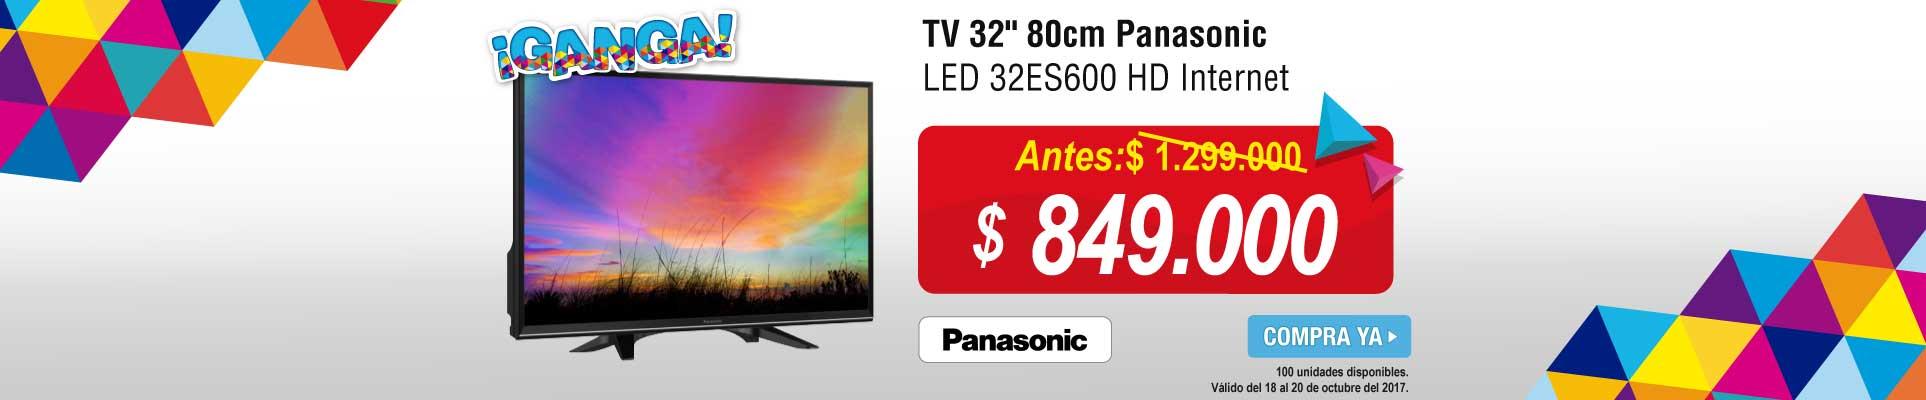 PPAL ALKP-1-tv-TV 32 80cm Panasonic LED 32ES600 HD-prod-octubre18-20